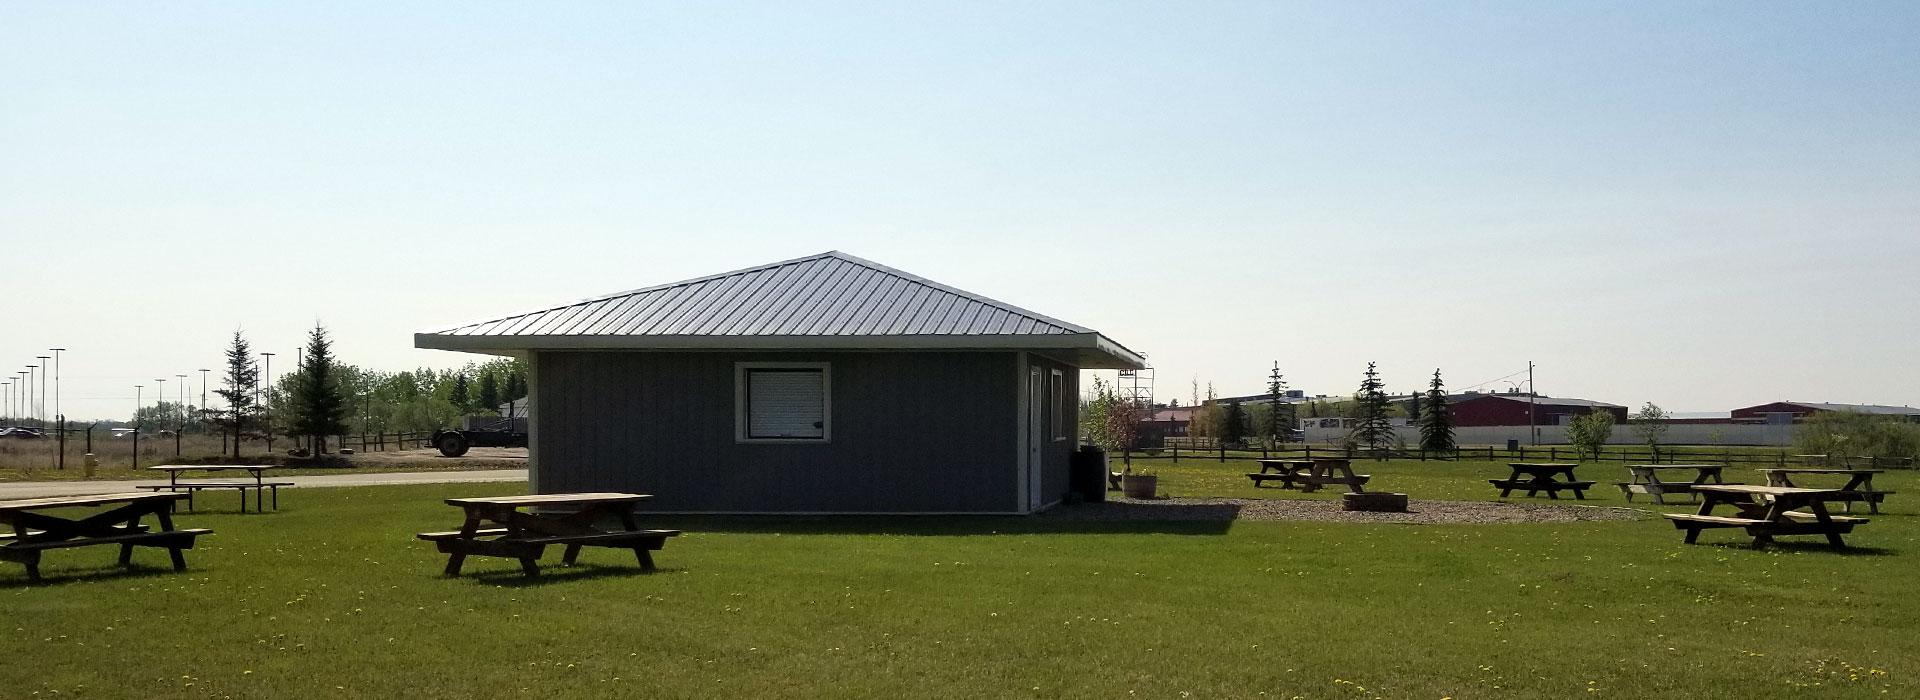 CRE-RV-Park-Facility-005